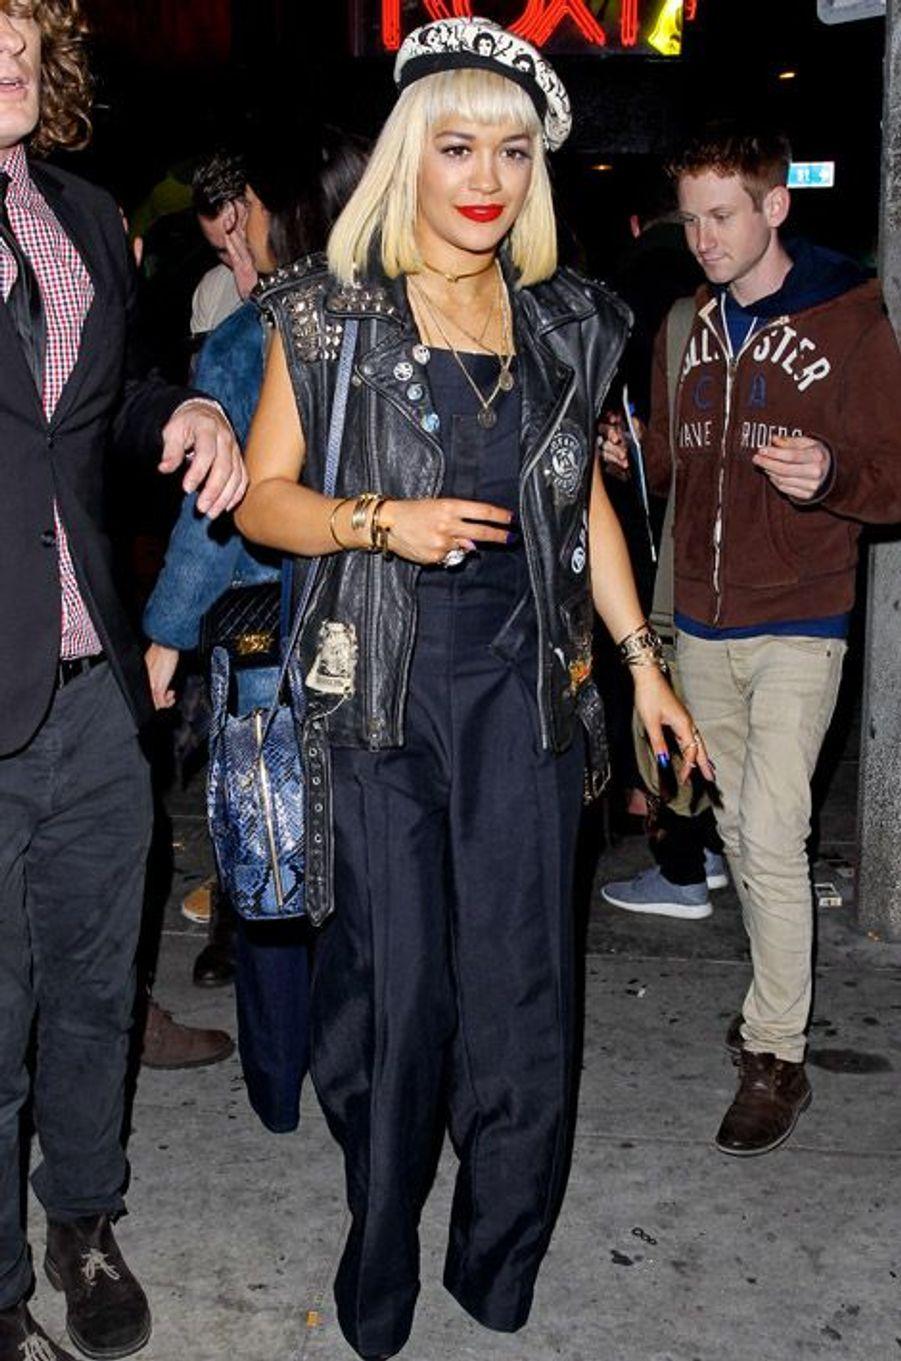 La chanteuse Rita Ora en soirée à Los Angeles, le 21 décembre 2014